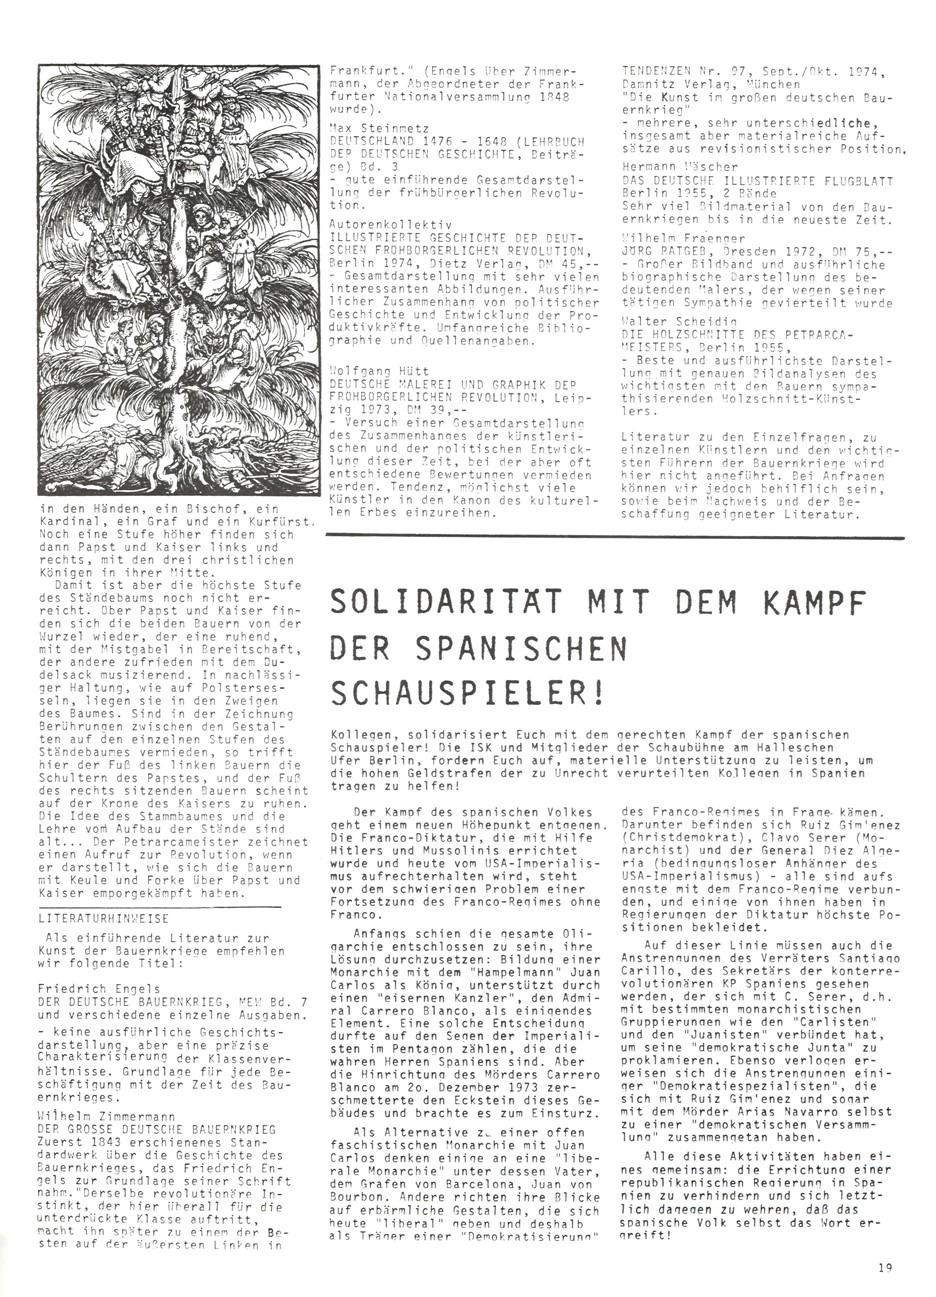 VSK_Kaempfende_Kunst_19750300_19